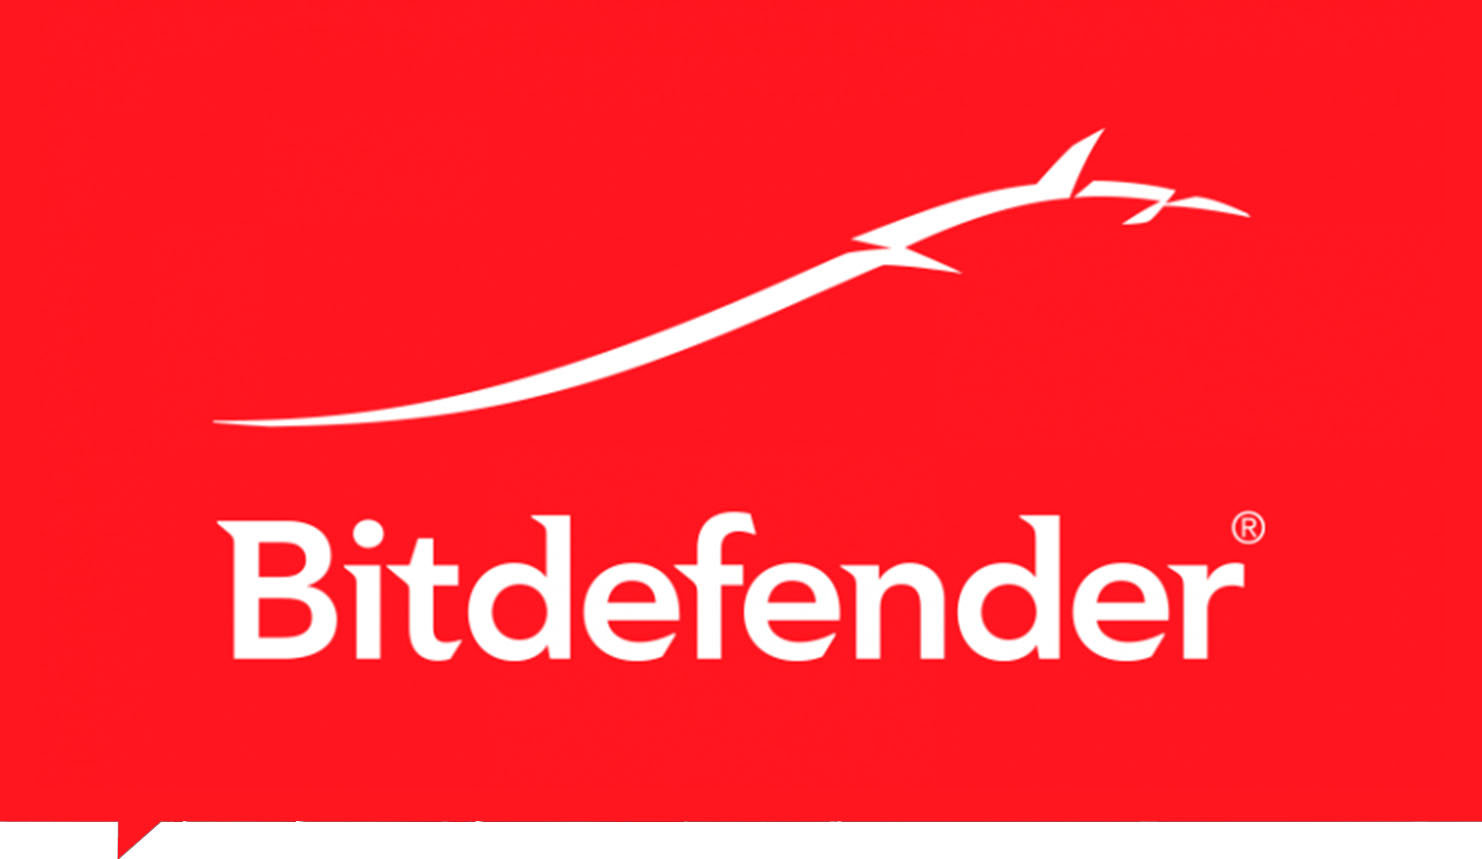 Una red mundial de 500 millones de máquinas, BITDEFENDER posee la infraestructura de prestación de seguridad más grande del mundo. Detecta, anticipa y adopta medidas para neutralizar cualquier ataque en tan solo 3 segundos.